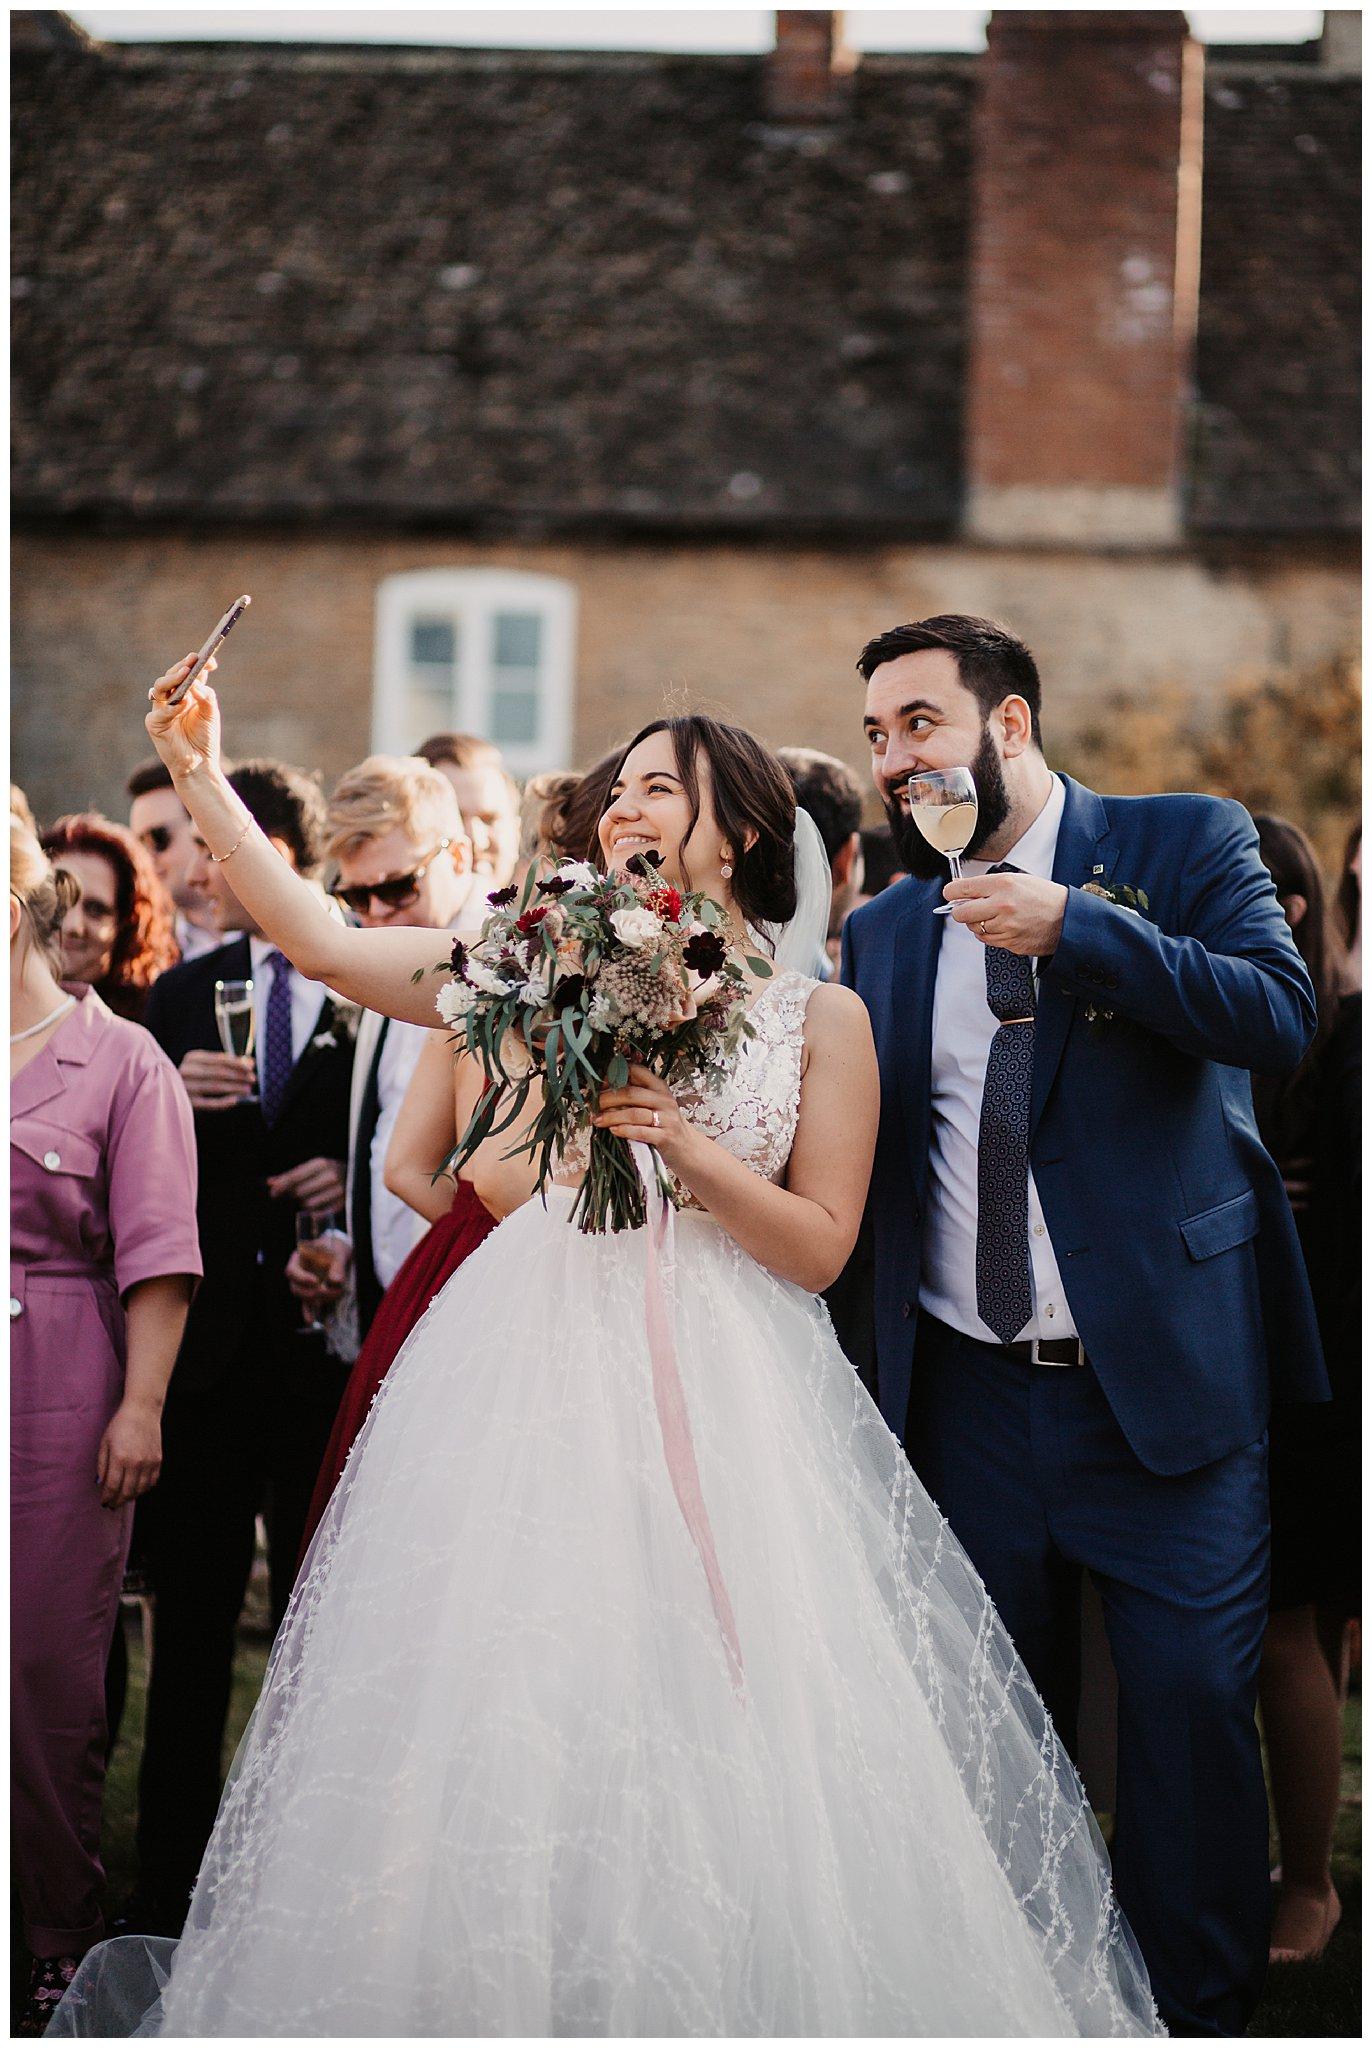 Max & Ksenia Autumnal Wiltshire Wedding-538.jpg